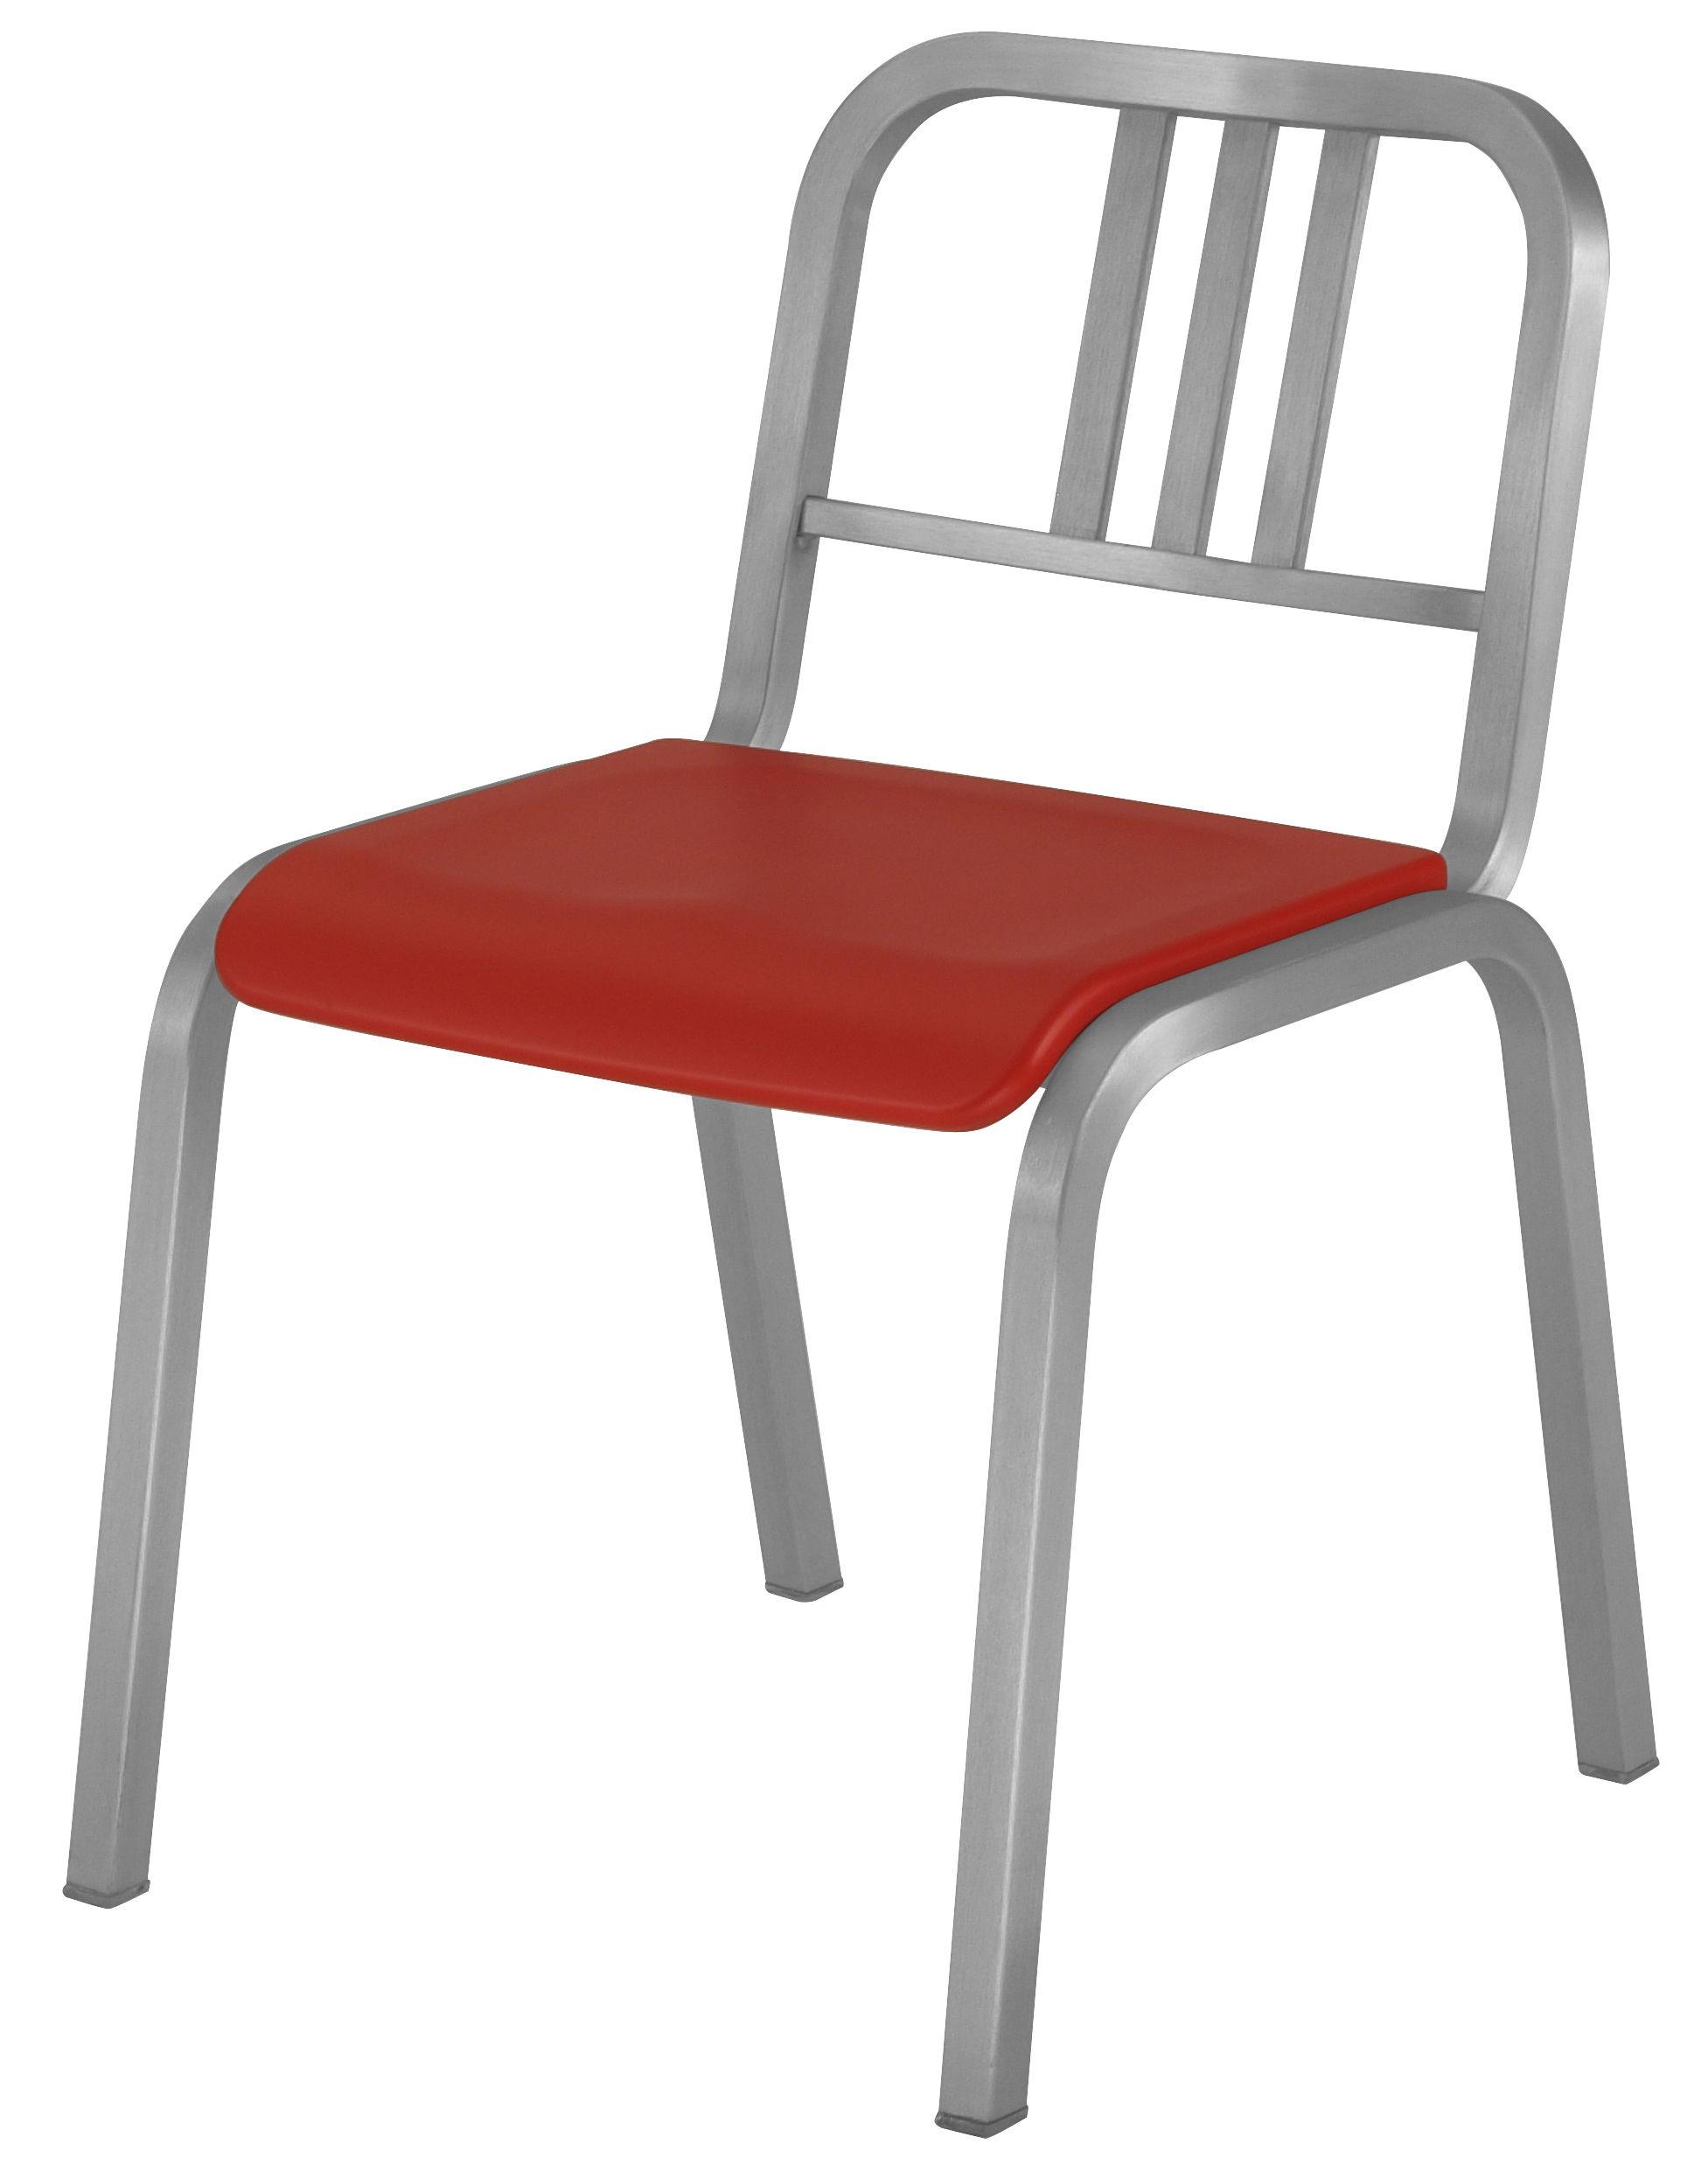 Mobilier - Chaises, fauteuils de salle à manger - Chaise empilable Nine-O / Aluminium & assise polyuréthane - Emeco - Aluminium mat / Rouge - Aluminium recyclé, Polyuréthane